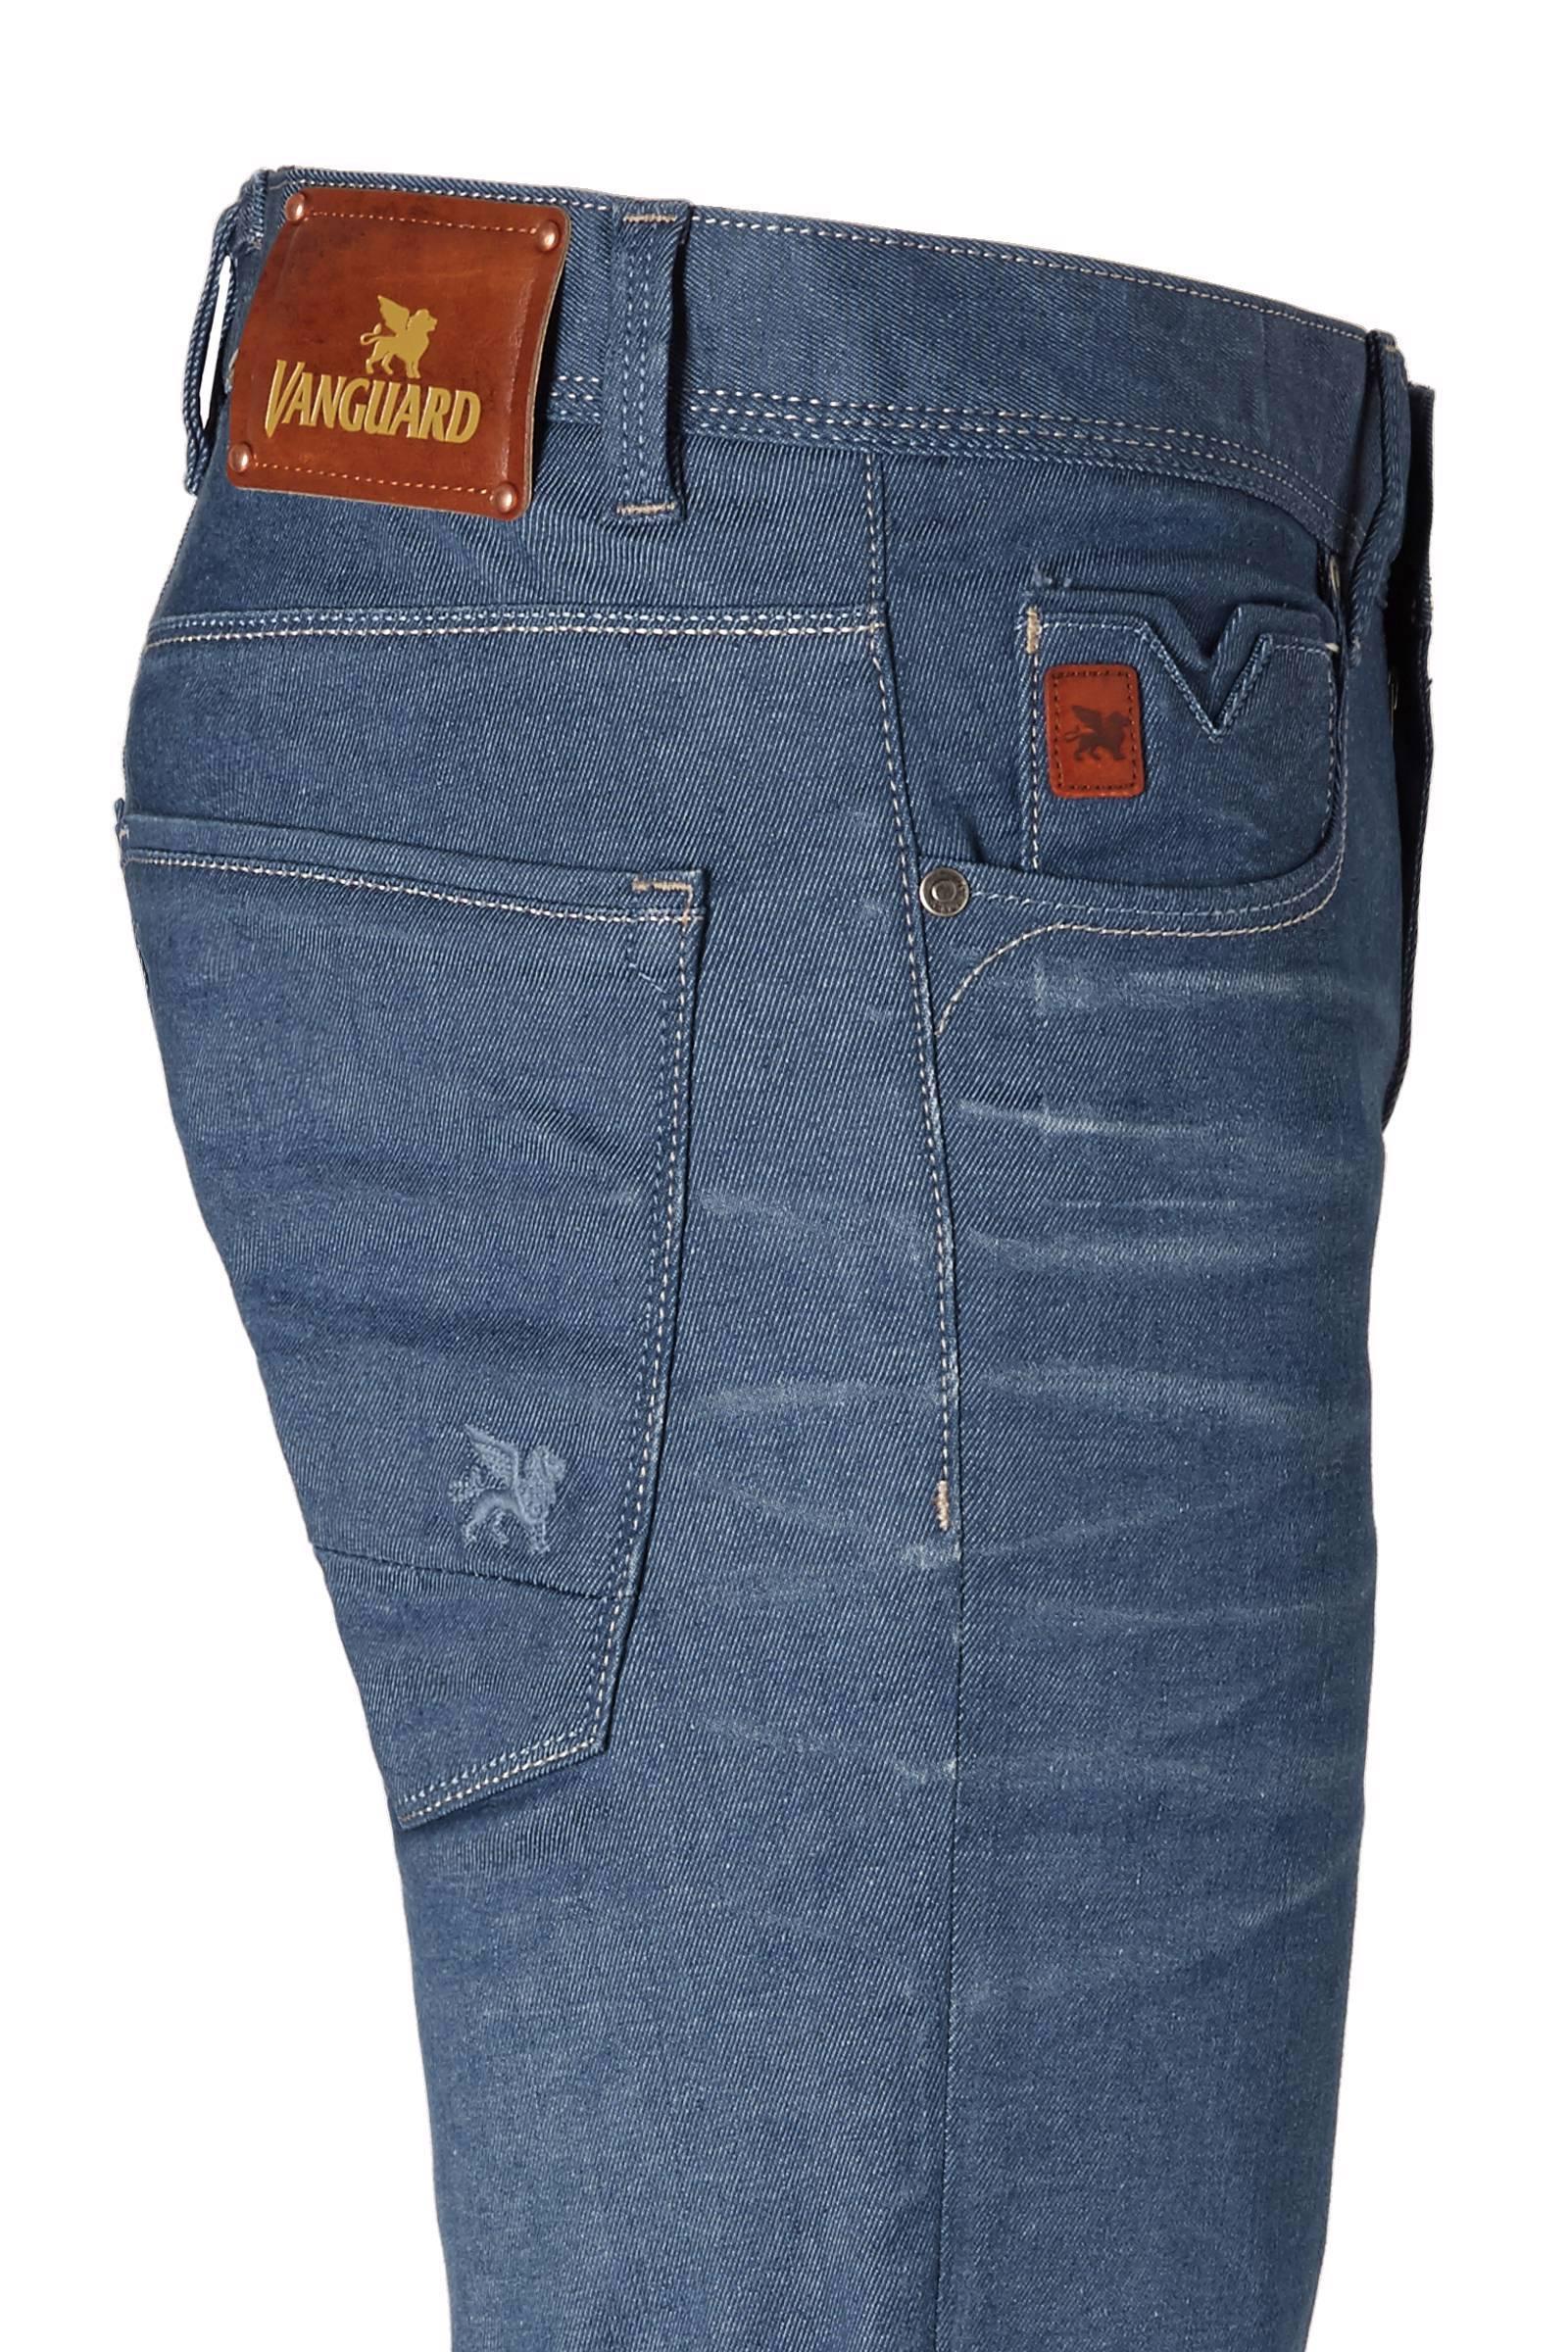 Vanguard Denim Slim Fit Jeans V7 Rider in het Blauw voor heren